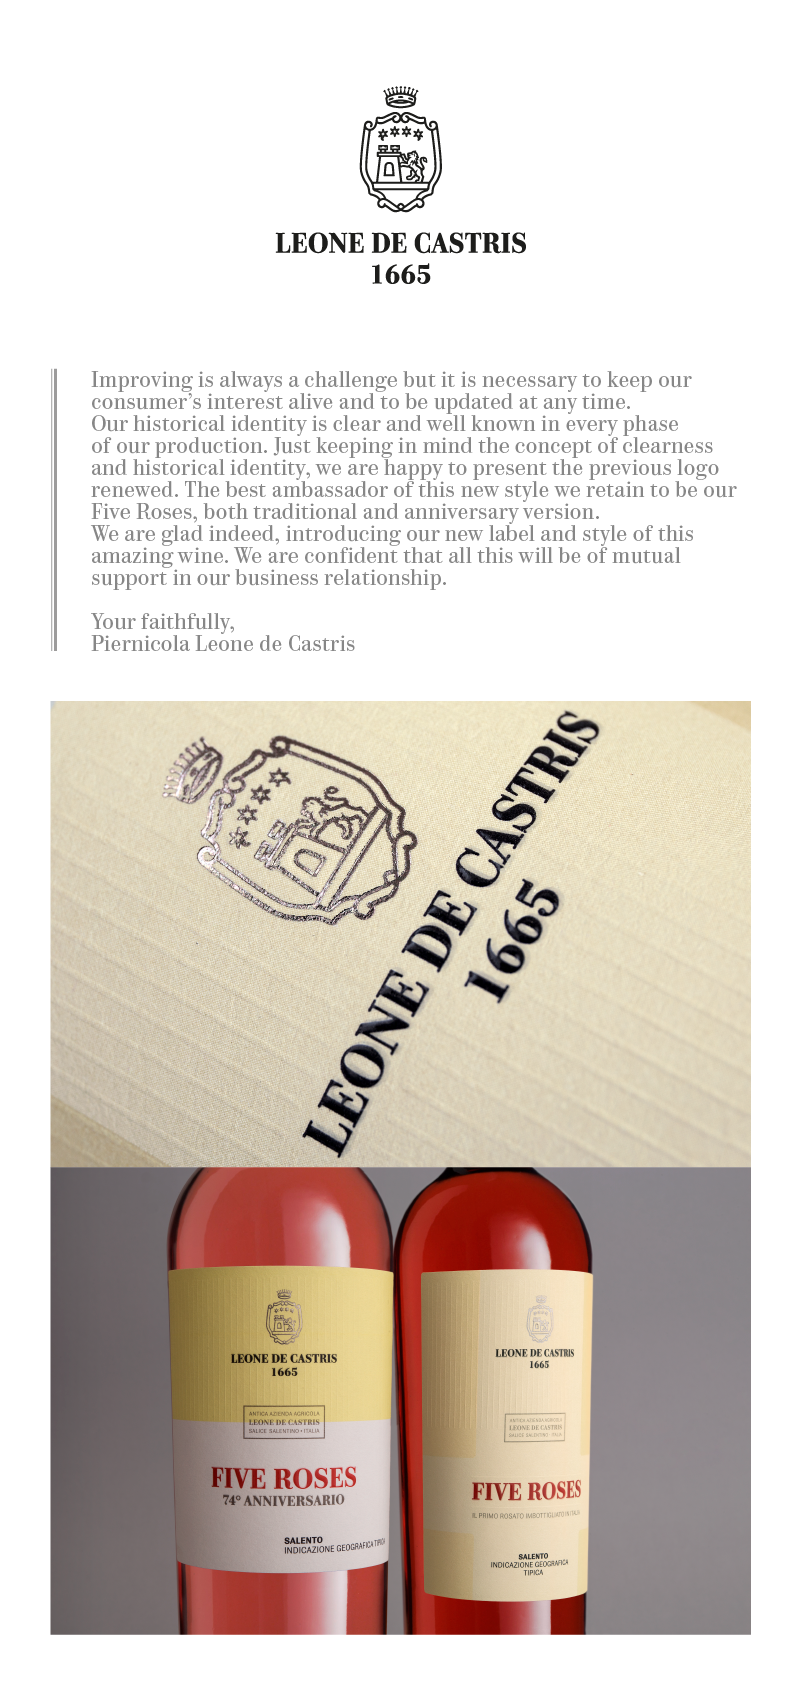 LdC_Newsletter_21112017_EN